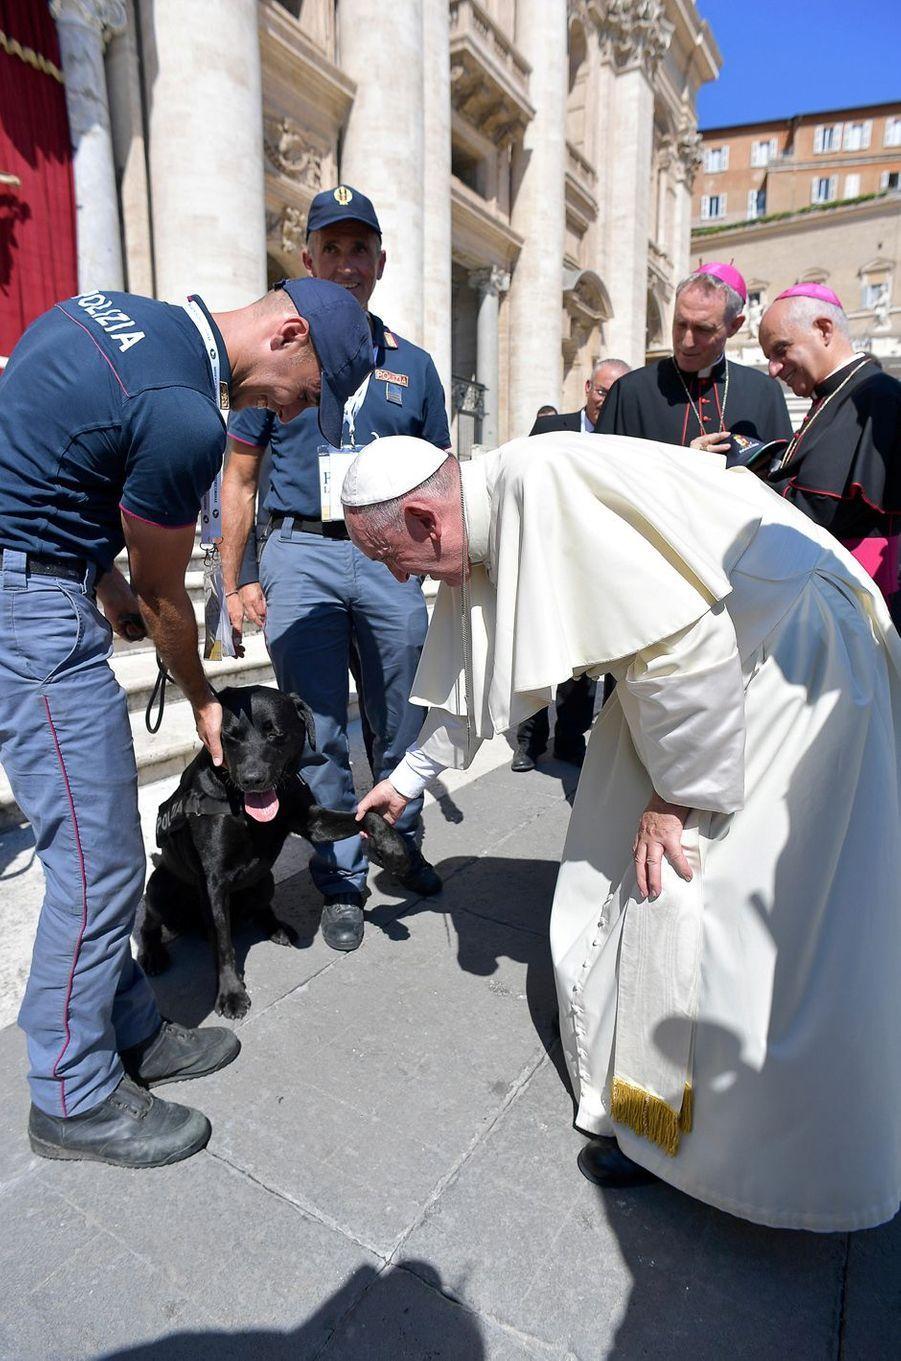 Leo le labrador noir, qui appartient à une brigade canine de la police, a été reçu par le pape François samedi.